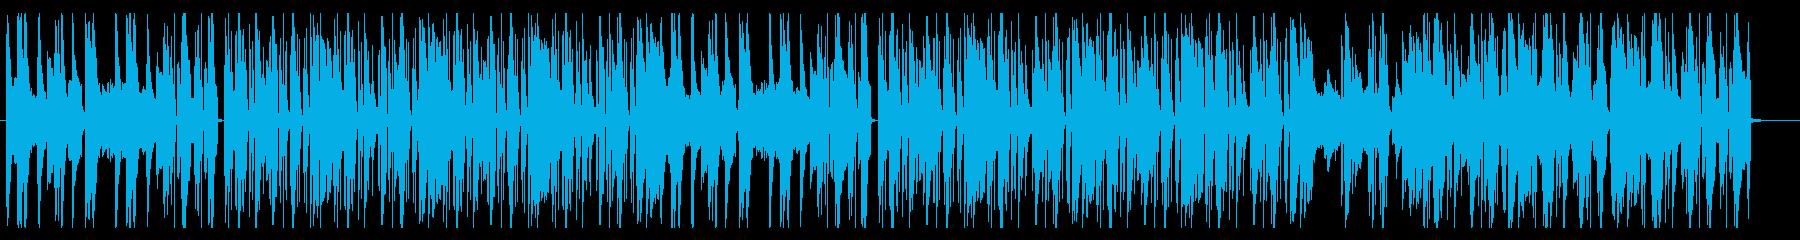 楽しいお出かけ アウトドア レジャー④の再生済みの波形